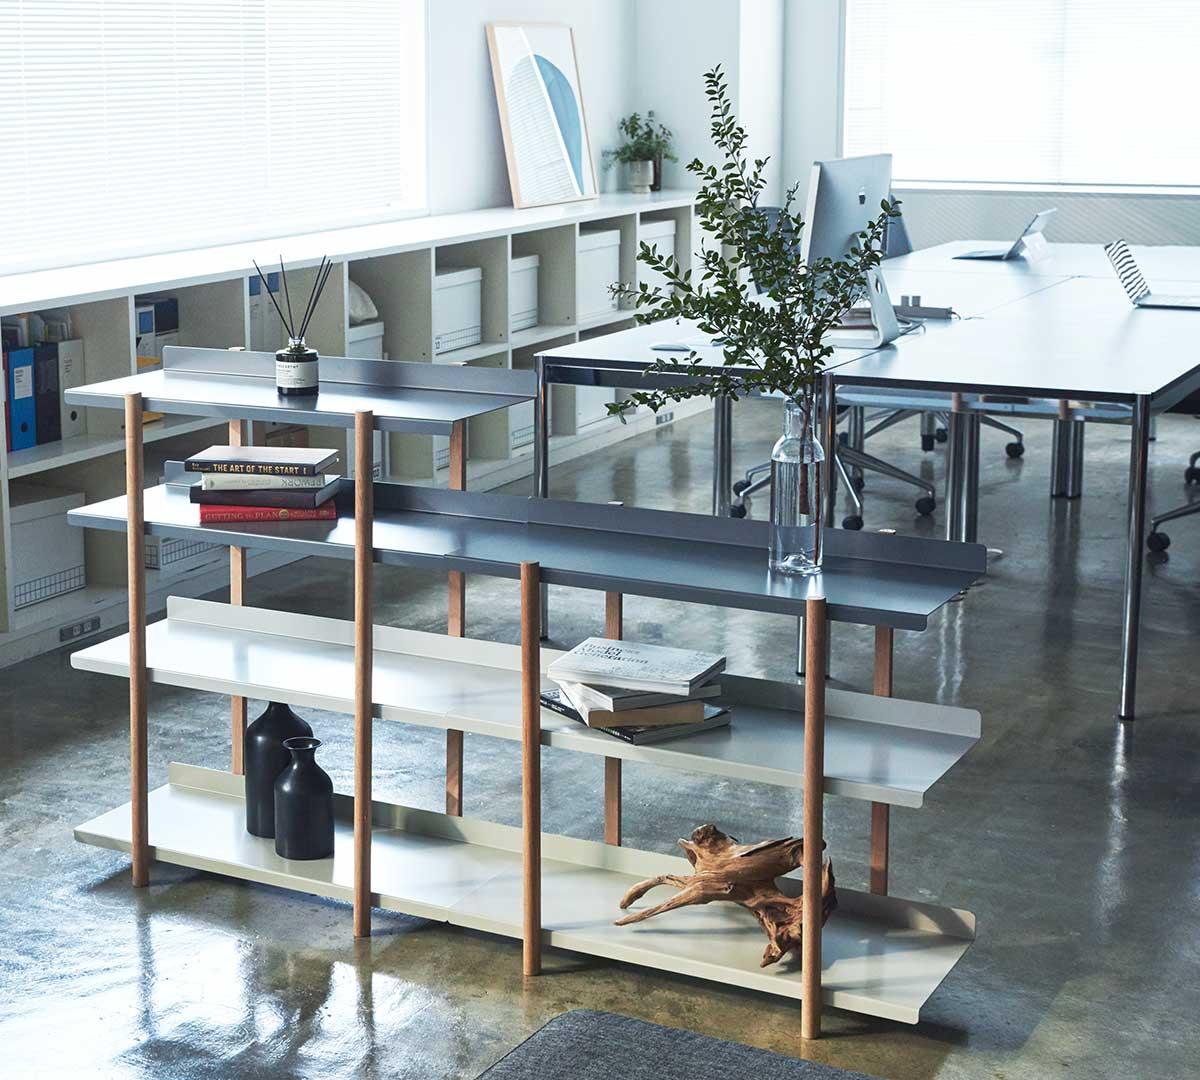 隣に「3段タイプ」を並べると、棚板の高さが揃うので、大きな空間を仕切るパーテーションにもぴったり。色違いの棚板を入れ替えるたびに、新鮮な空間づくりができる「シェルフ(棚)」DUENDE Marge Shelf(デュエンデ マージ シェルフ)